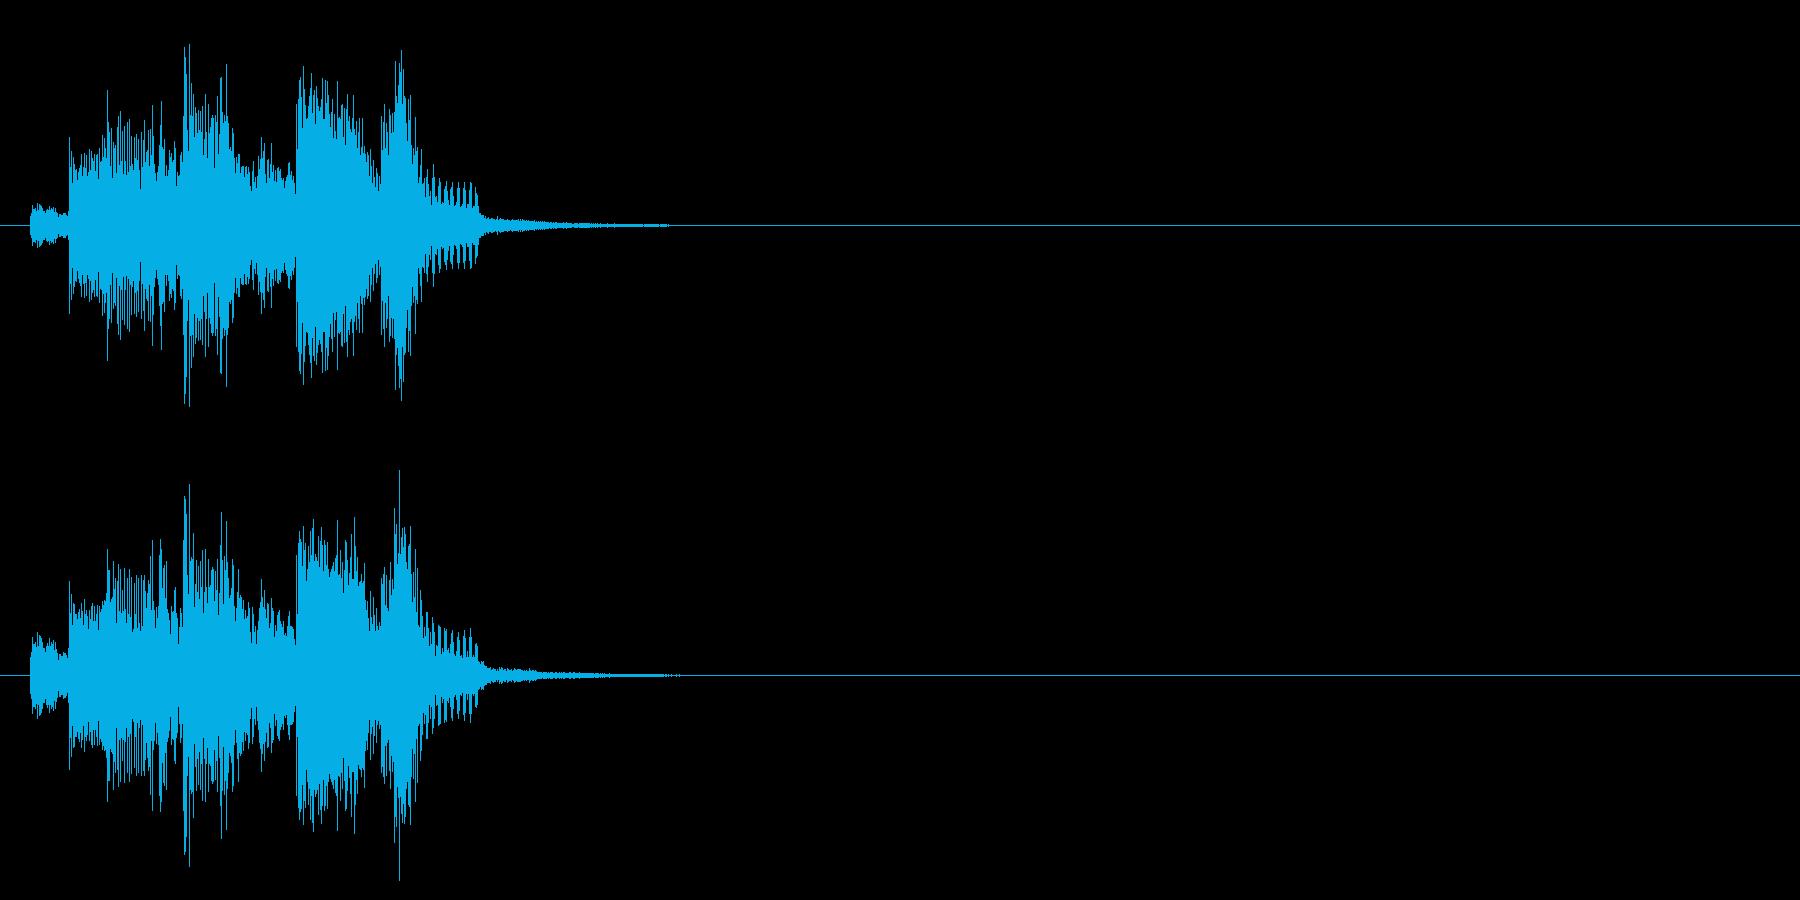 ニュース アタック 場面転換 報道 企業の再生済みの波形